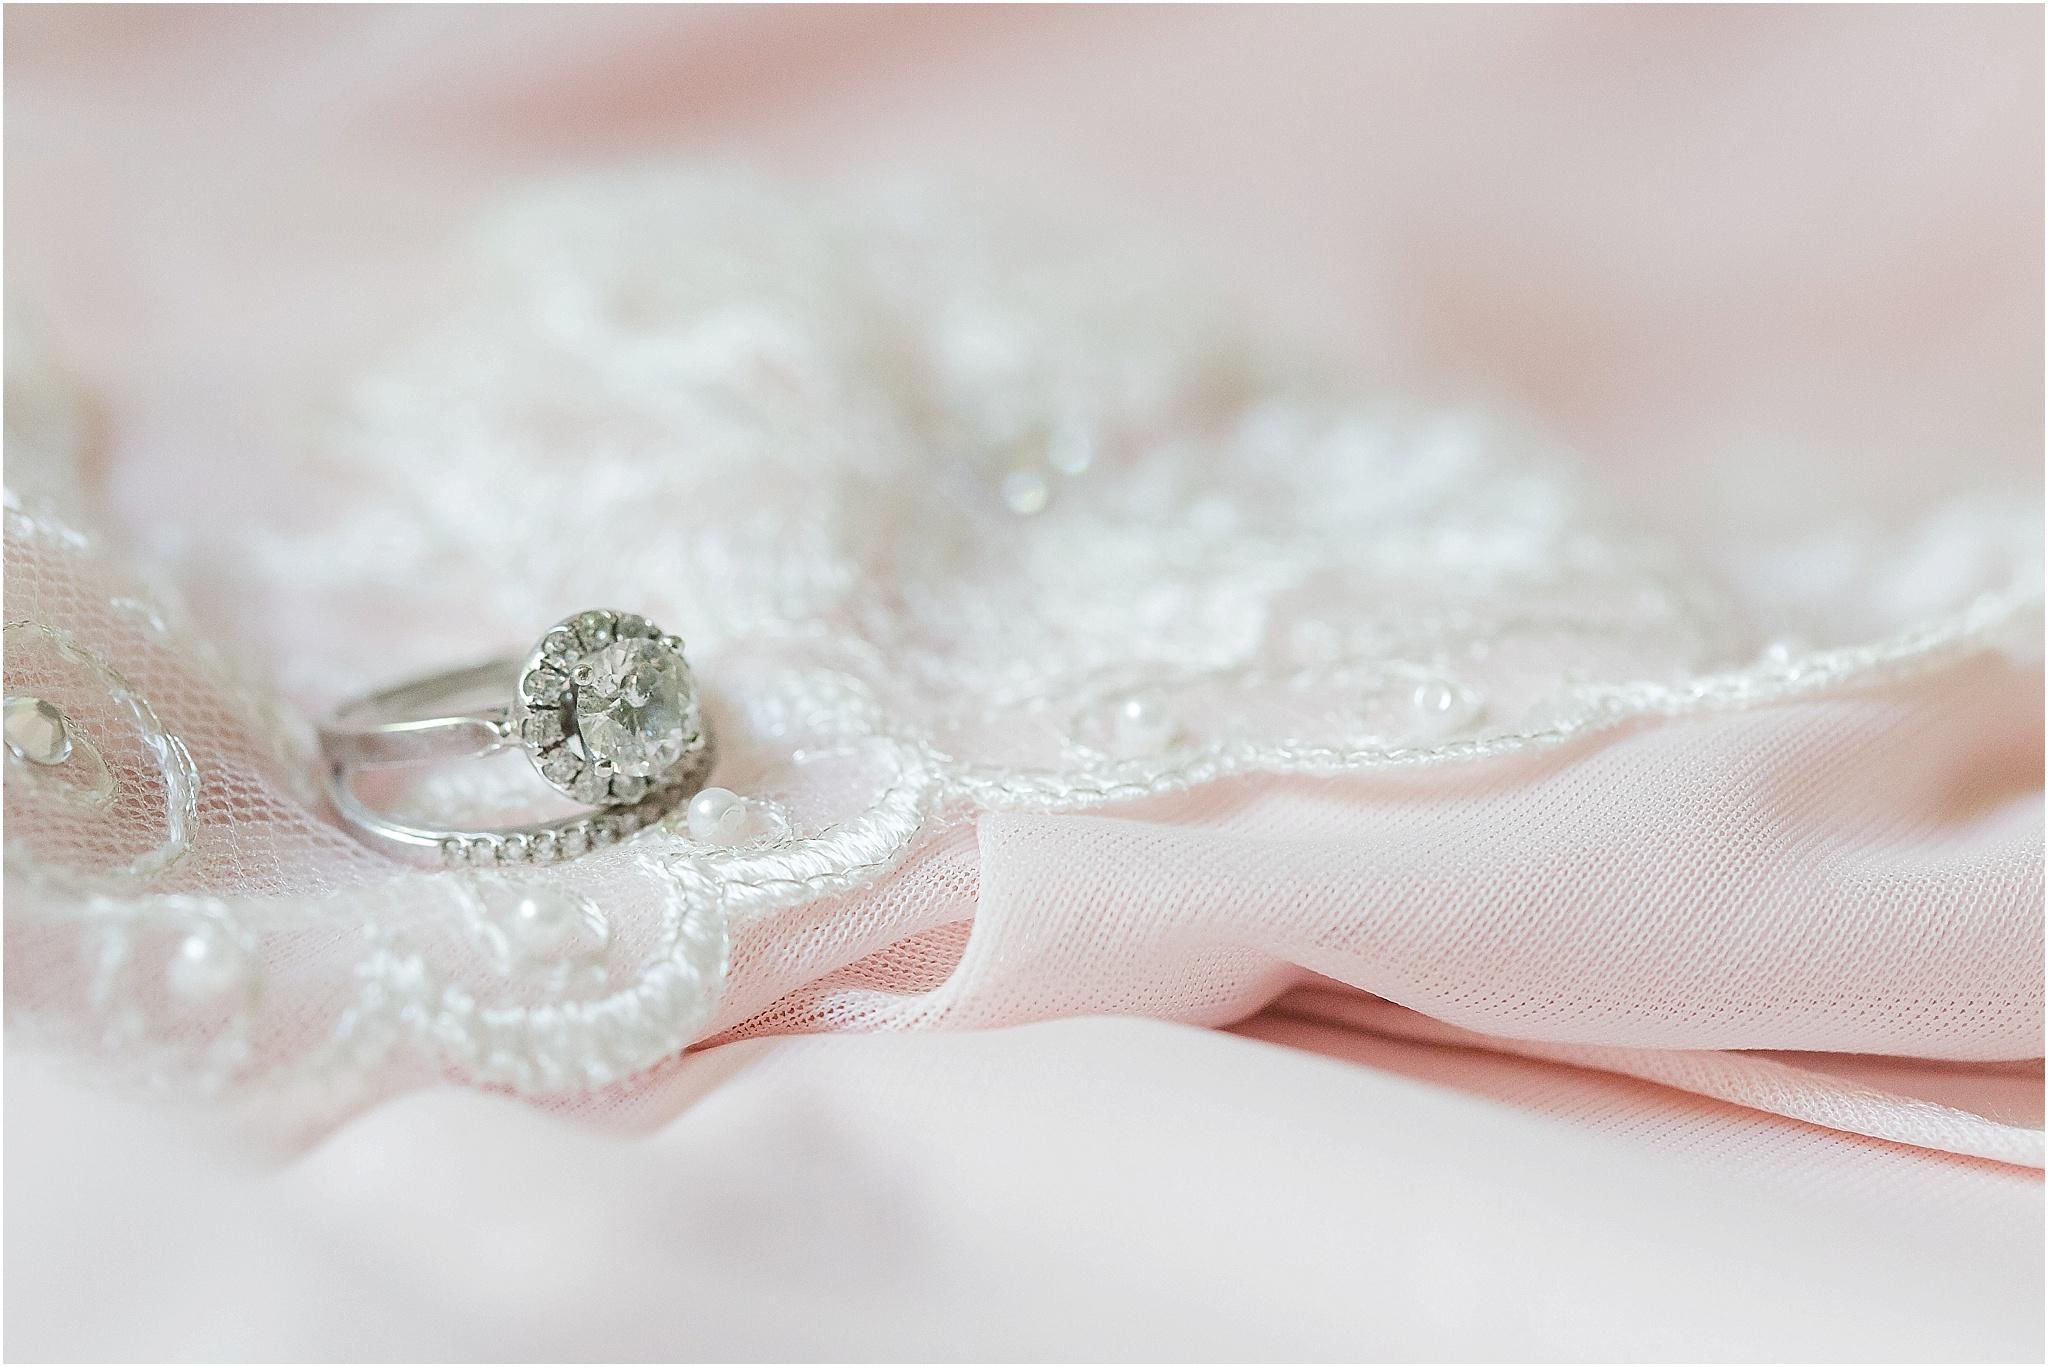 Blush wedding halo engagement ring